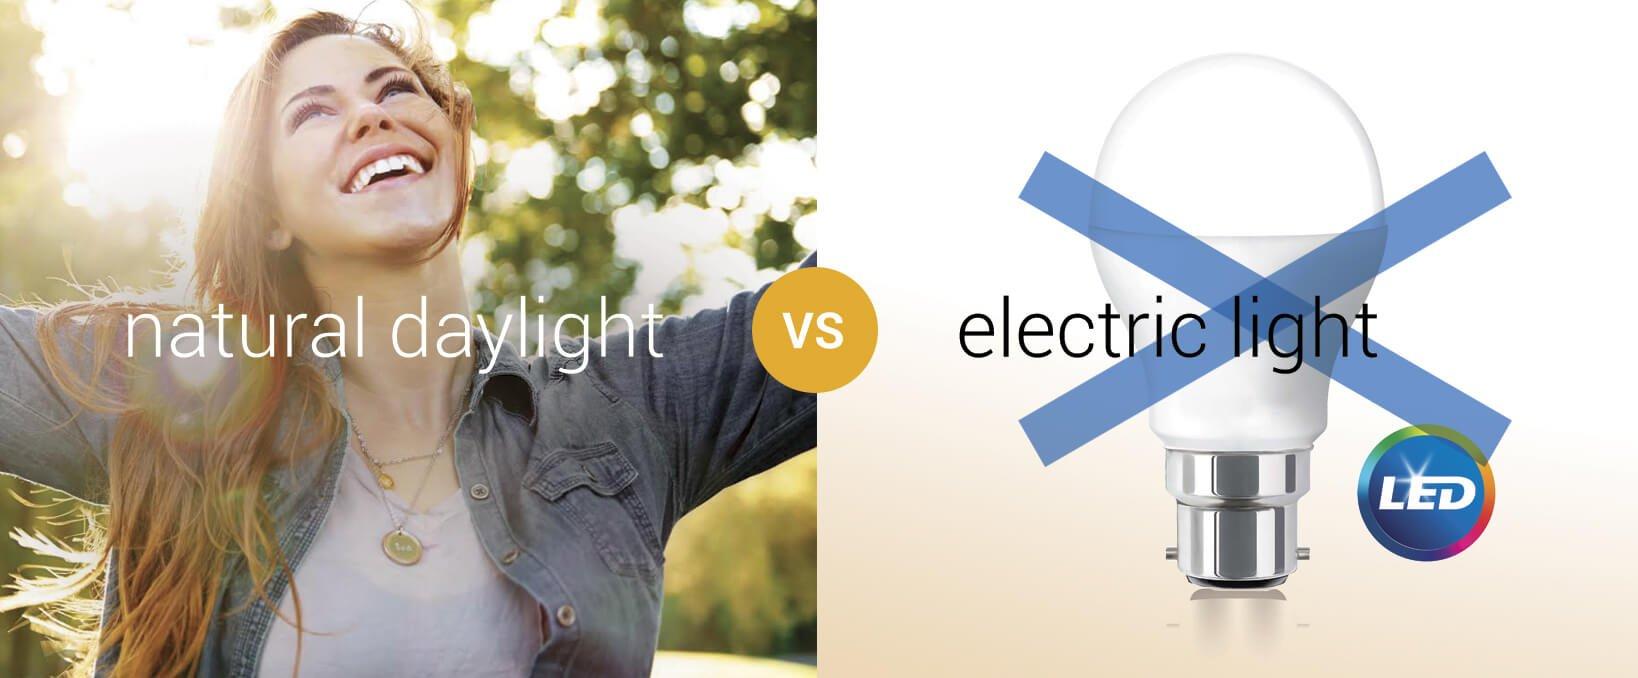 Nature daylight vs electric light